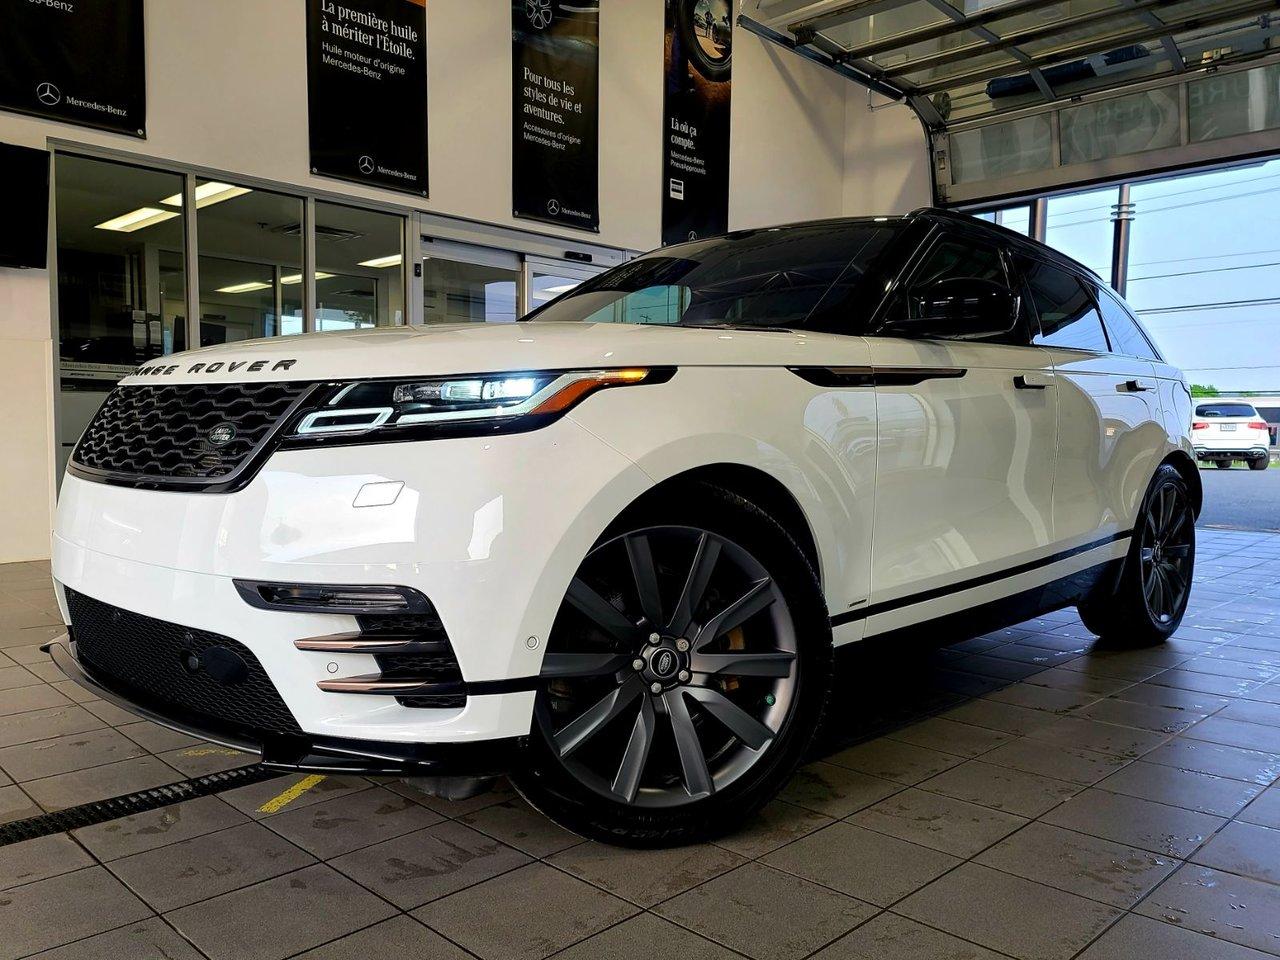 2018 Land Rover  Range Rover Velar - $62890.00+Tx